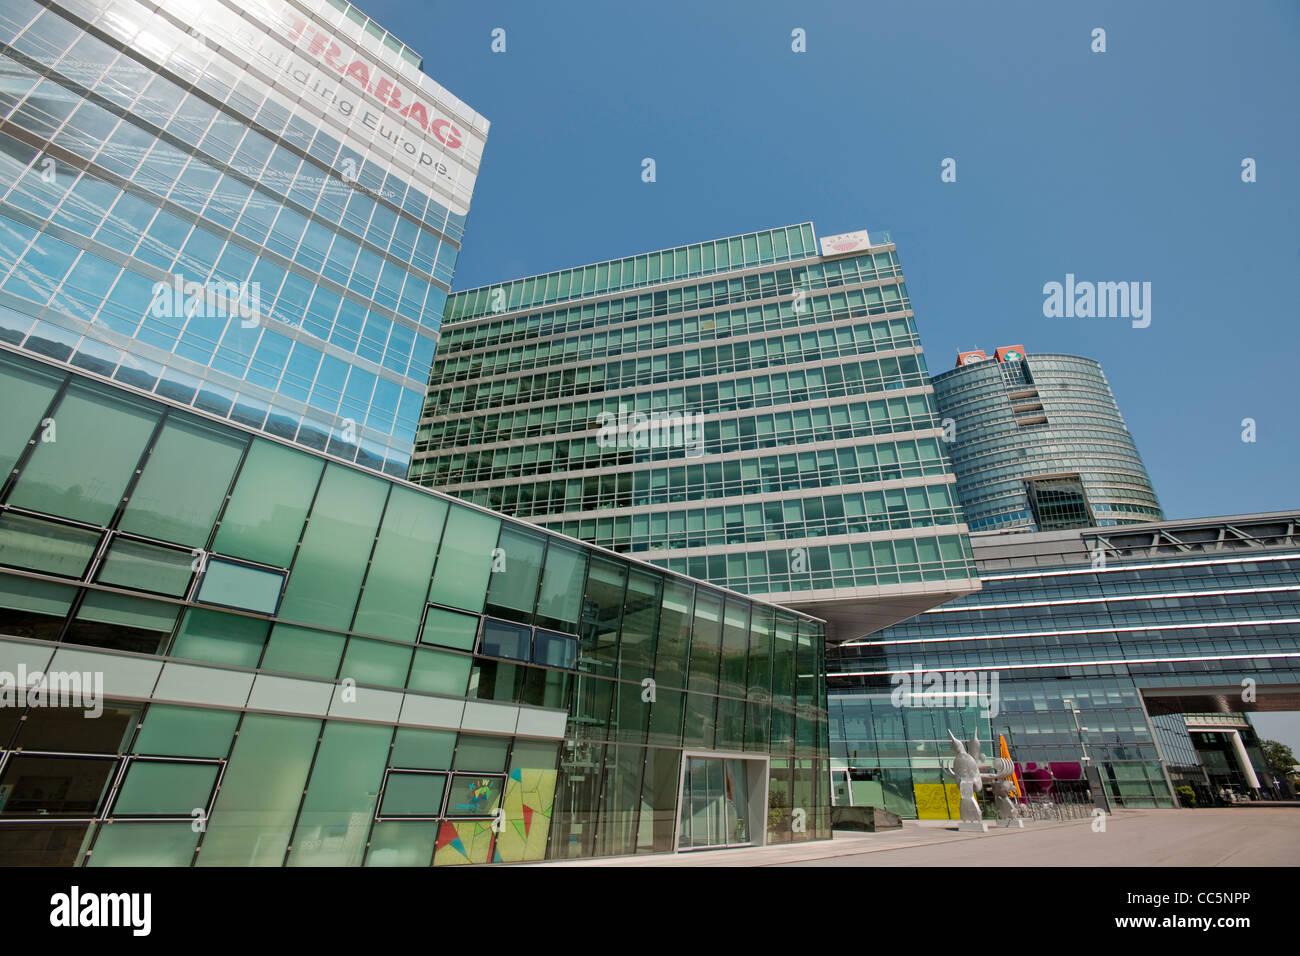 Österreich, Wien 22, Donaucity, Gate Durchgang Hochhäuser und Tech Imagen De Stock